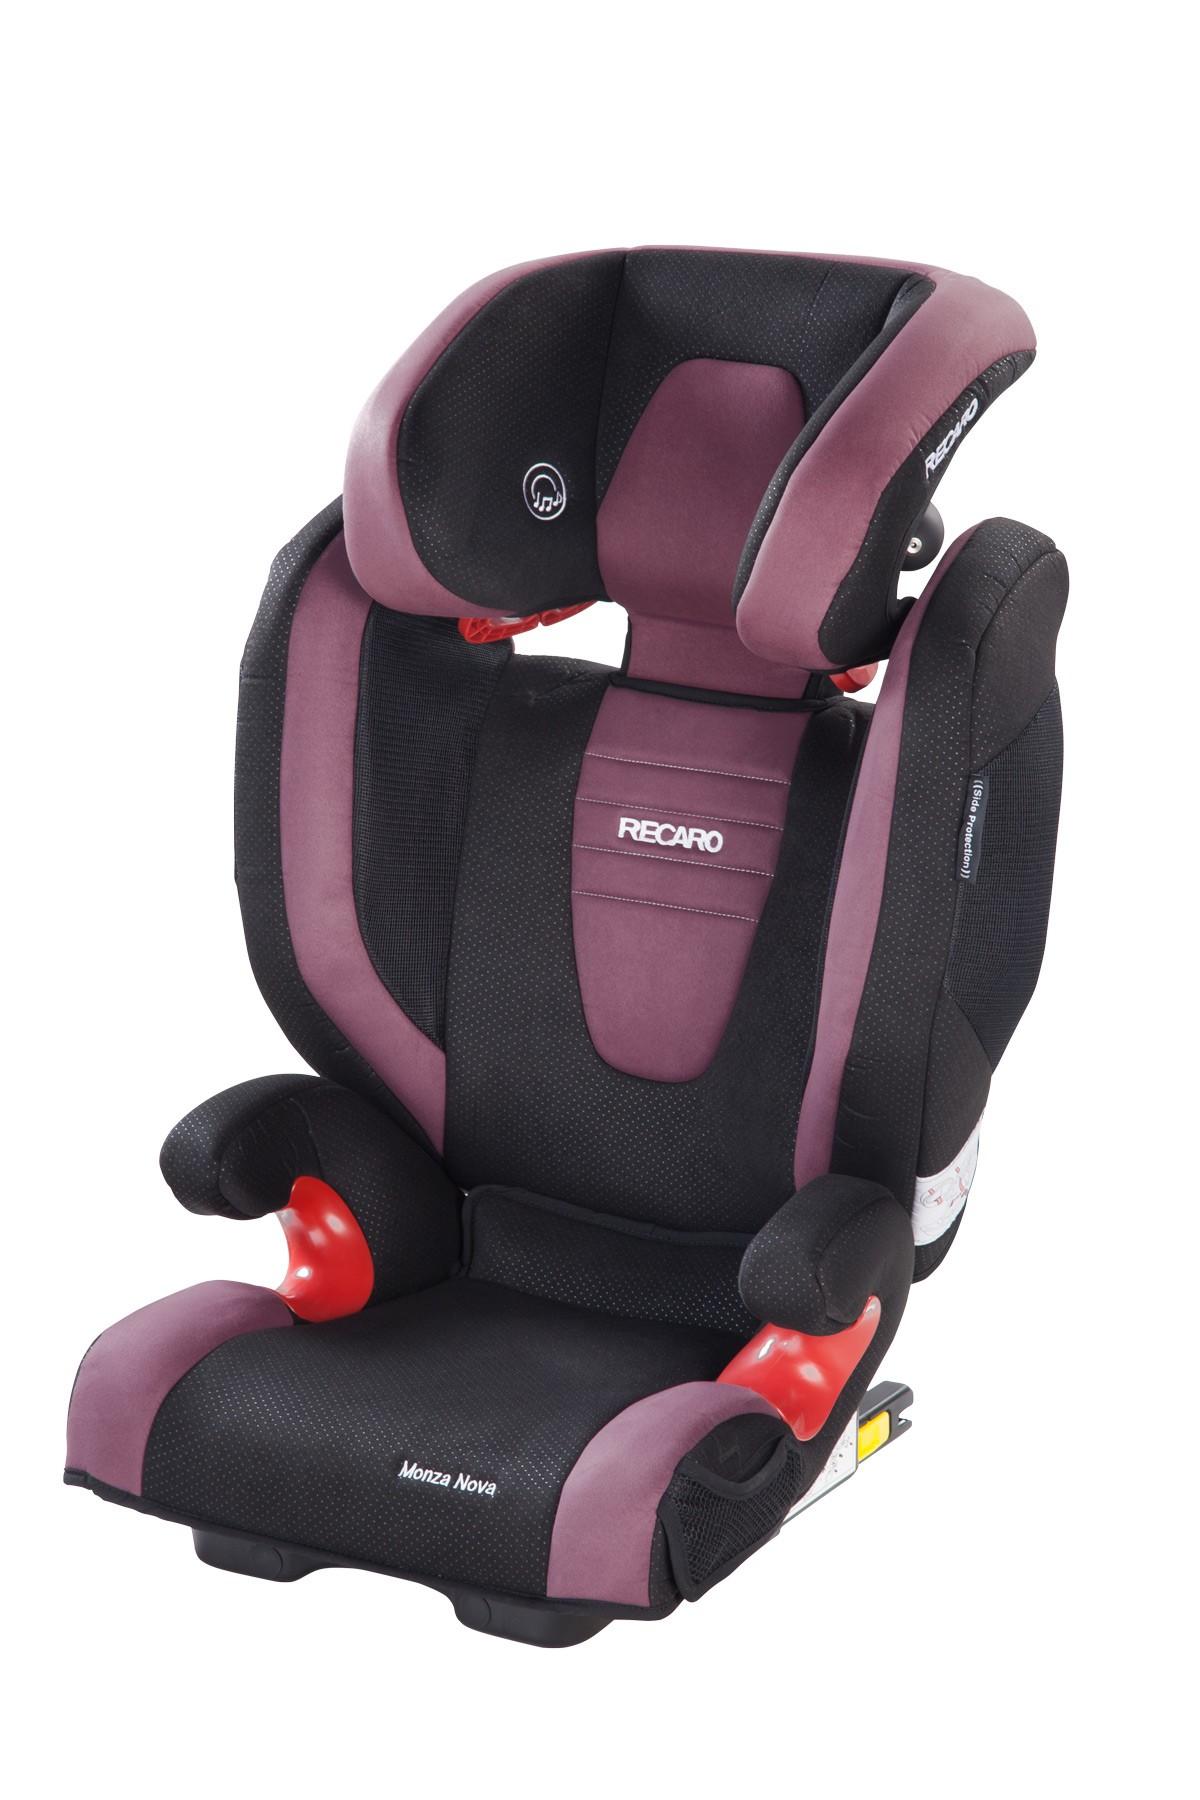 Recaro Monza Nova 2 Seatfix Autositz